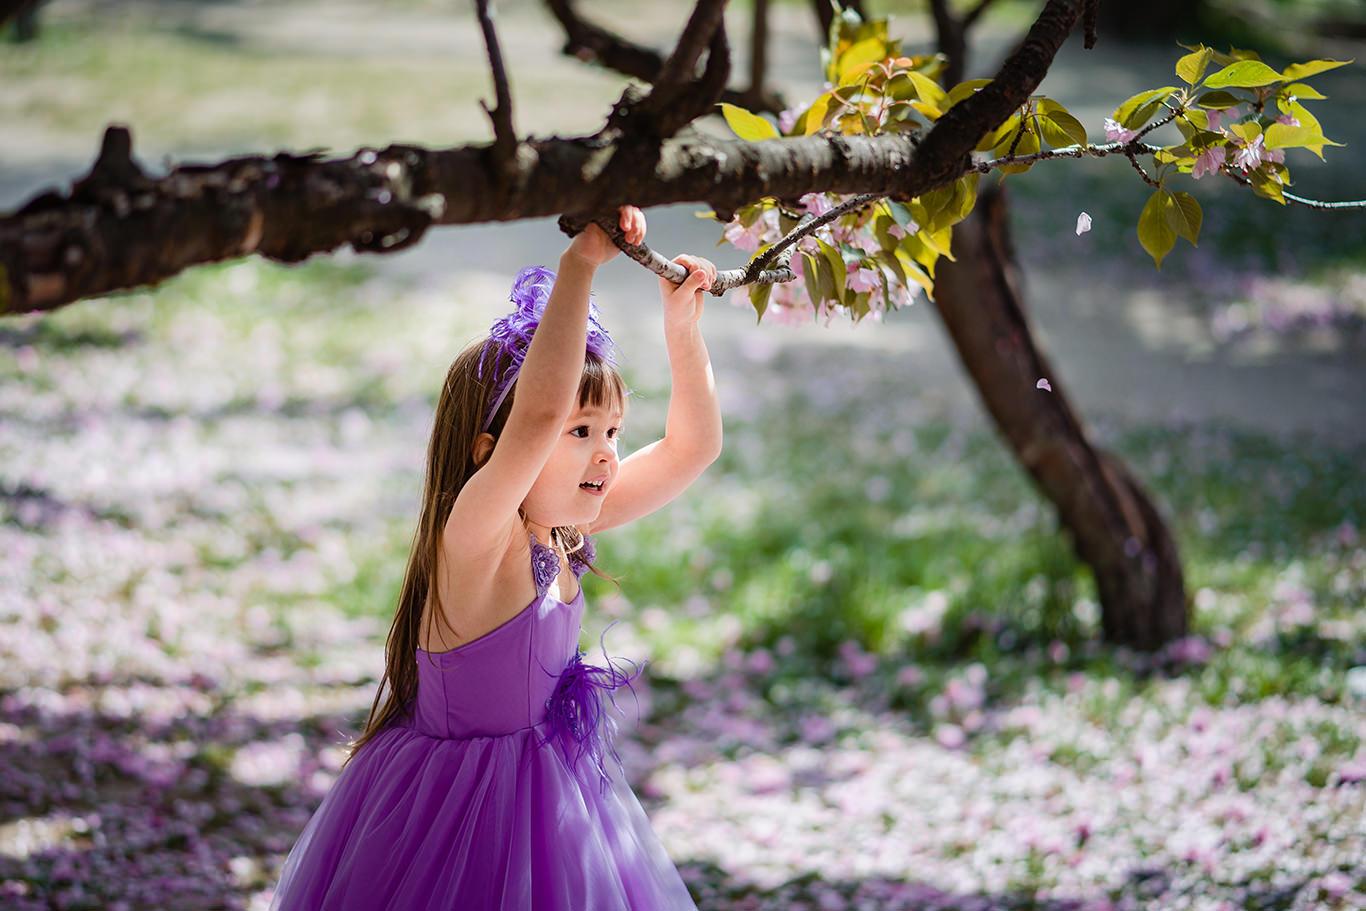 Joaca de primavara - fotograf familie - Bucuresti